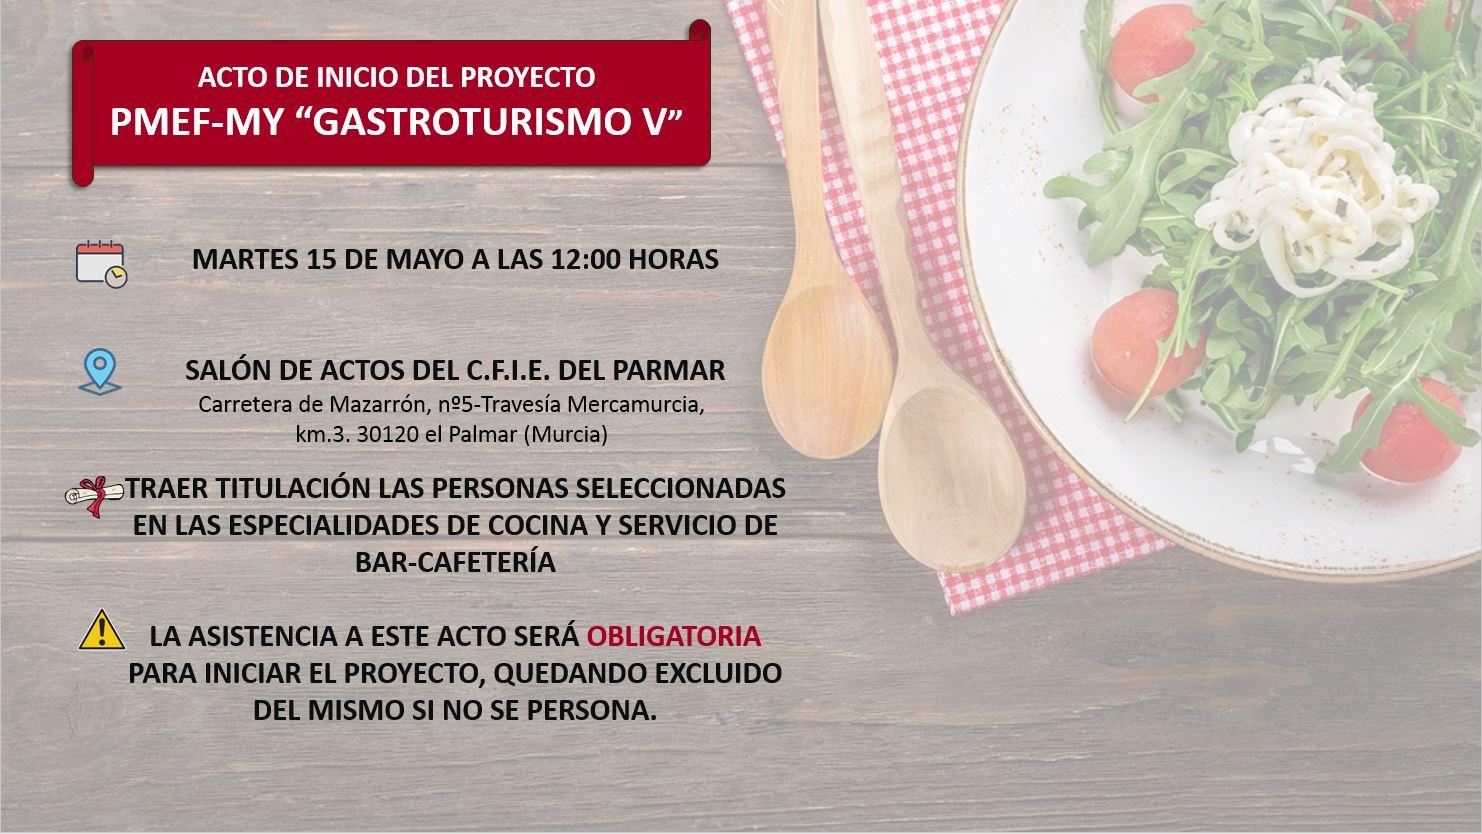 ACTO DE INICIO DEL PROYECTO PMEF-MY: GASTROTURISMO V....